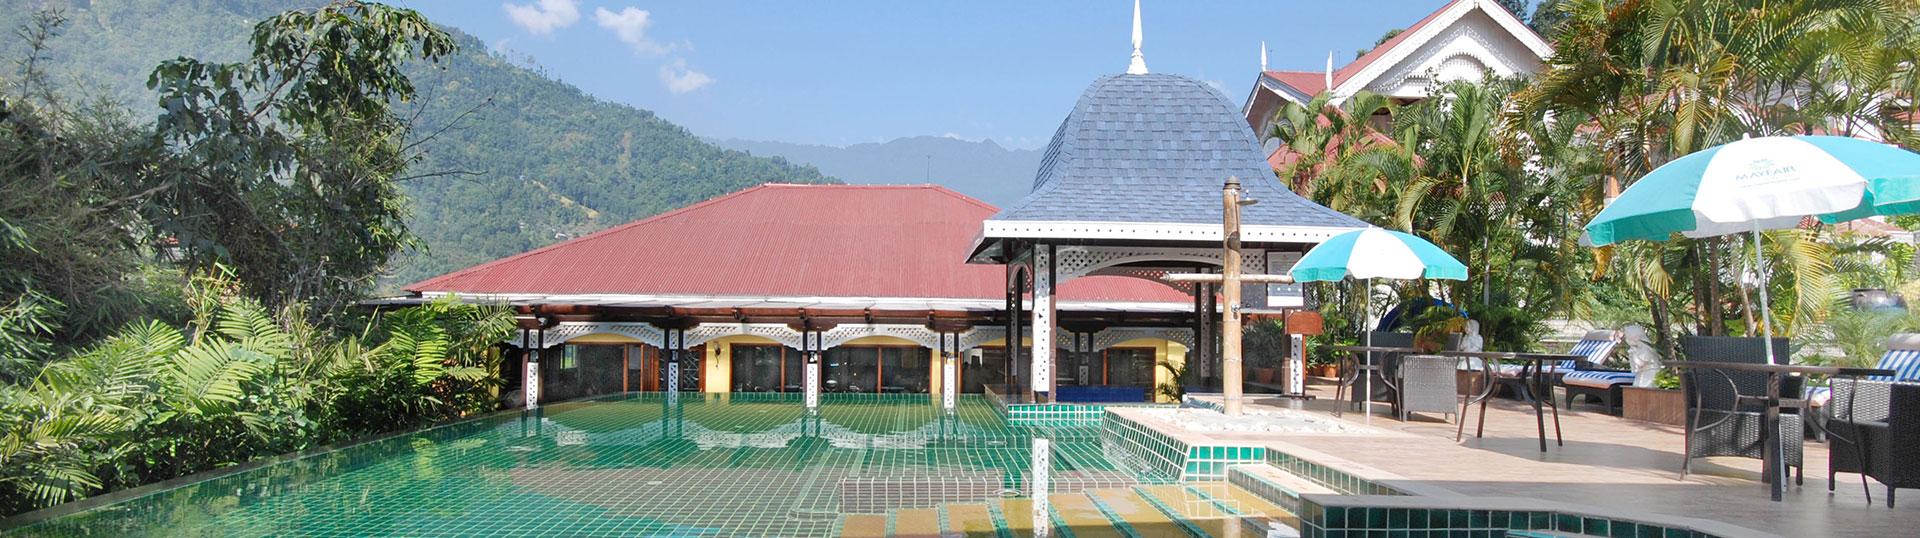 Mayfair gangtok spa resort & casino yakima wa casino